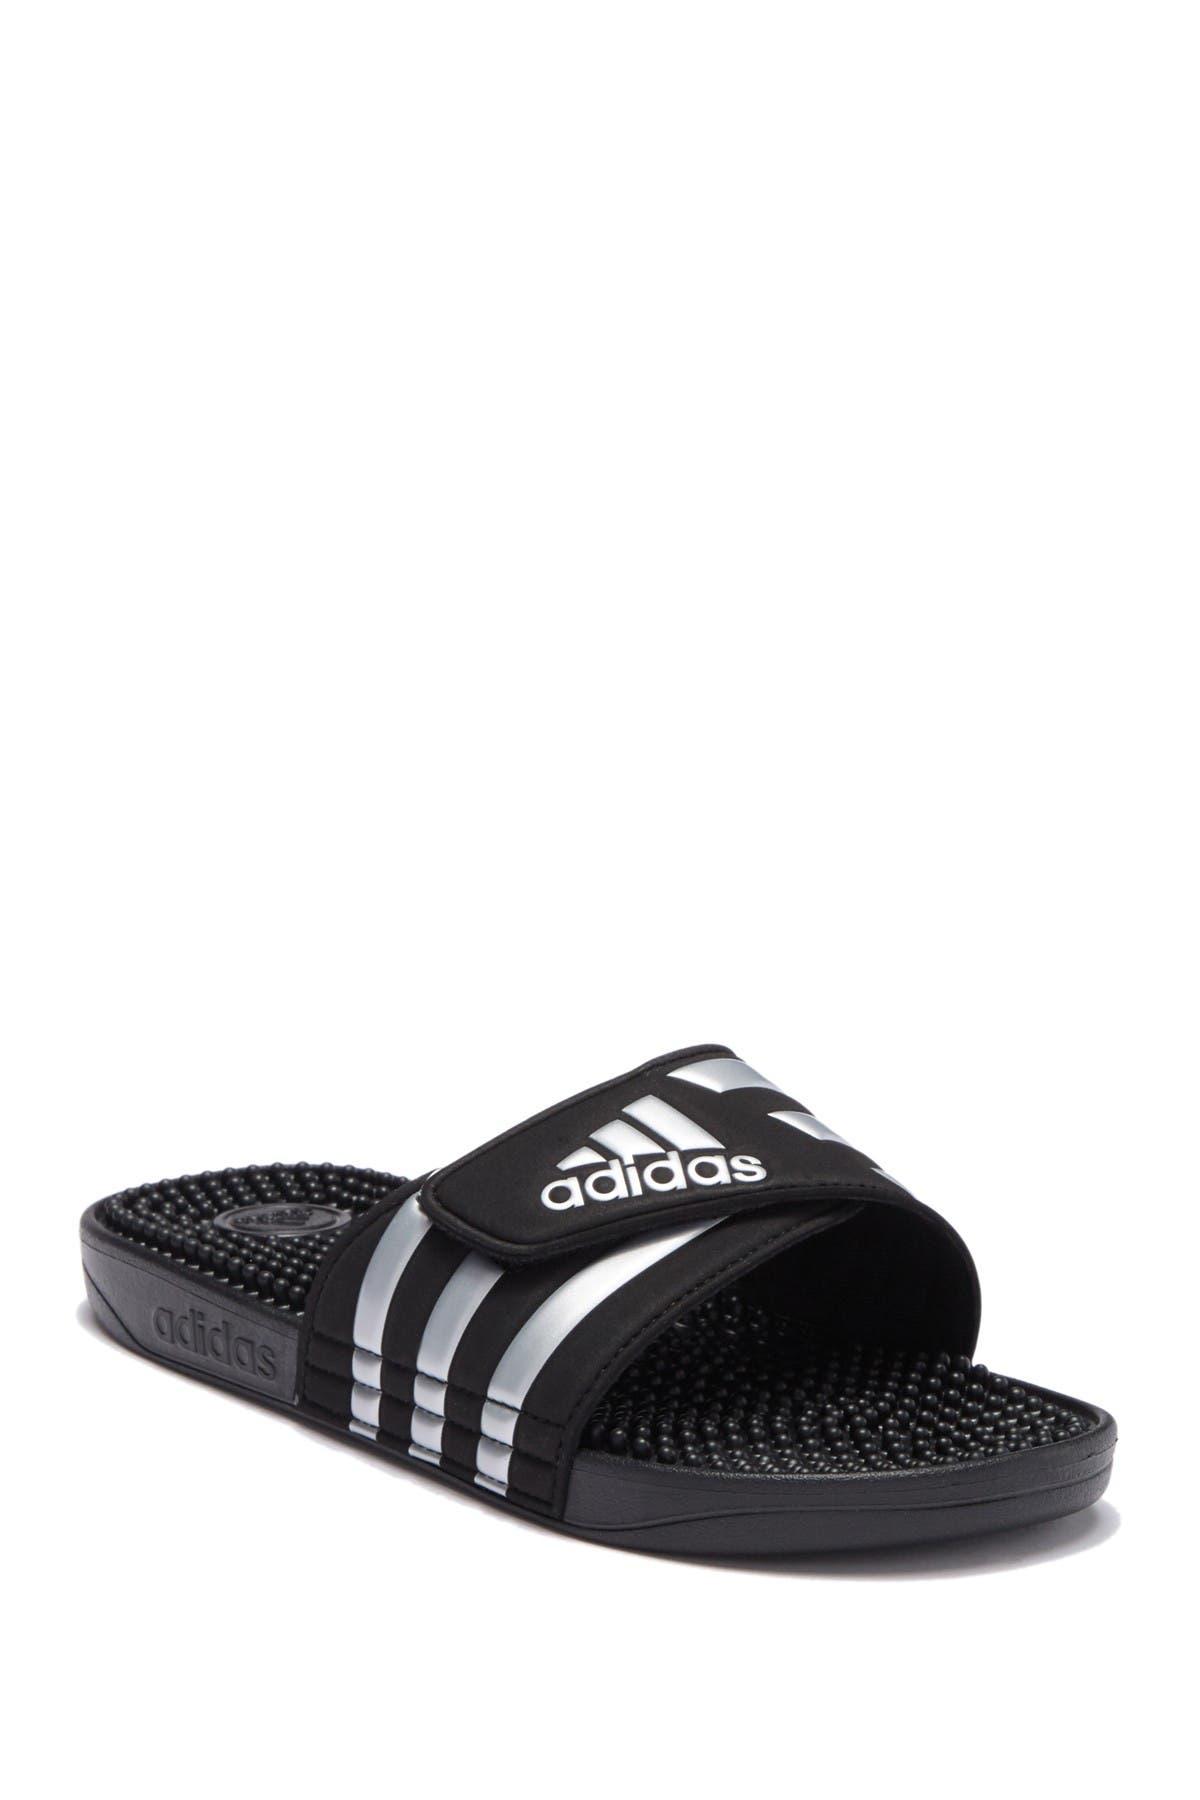 Image of adidas Adissage Slide Sandal